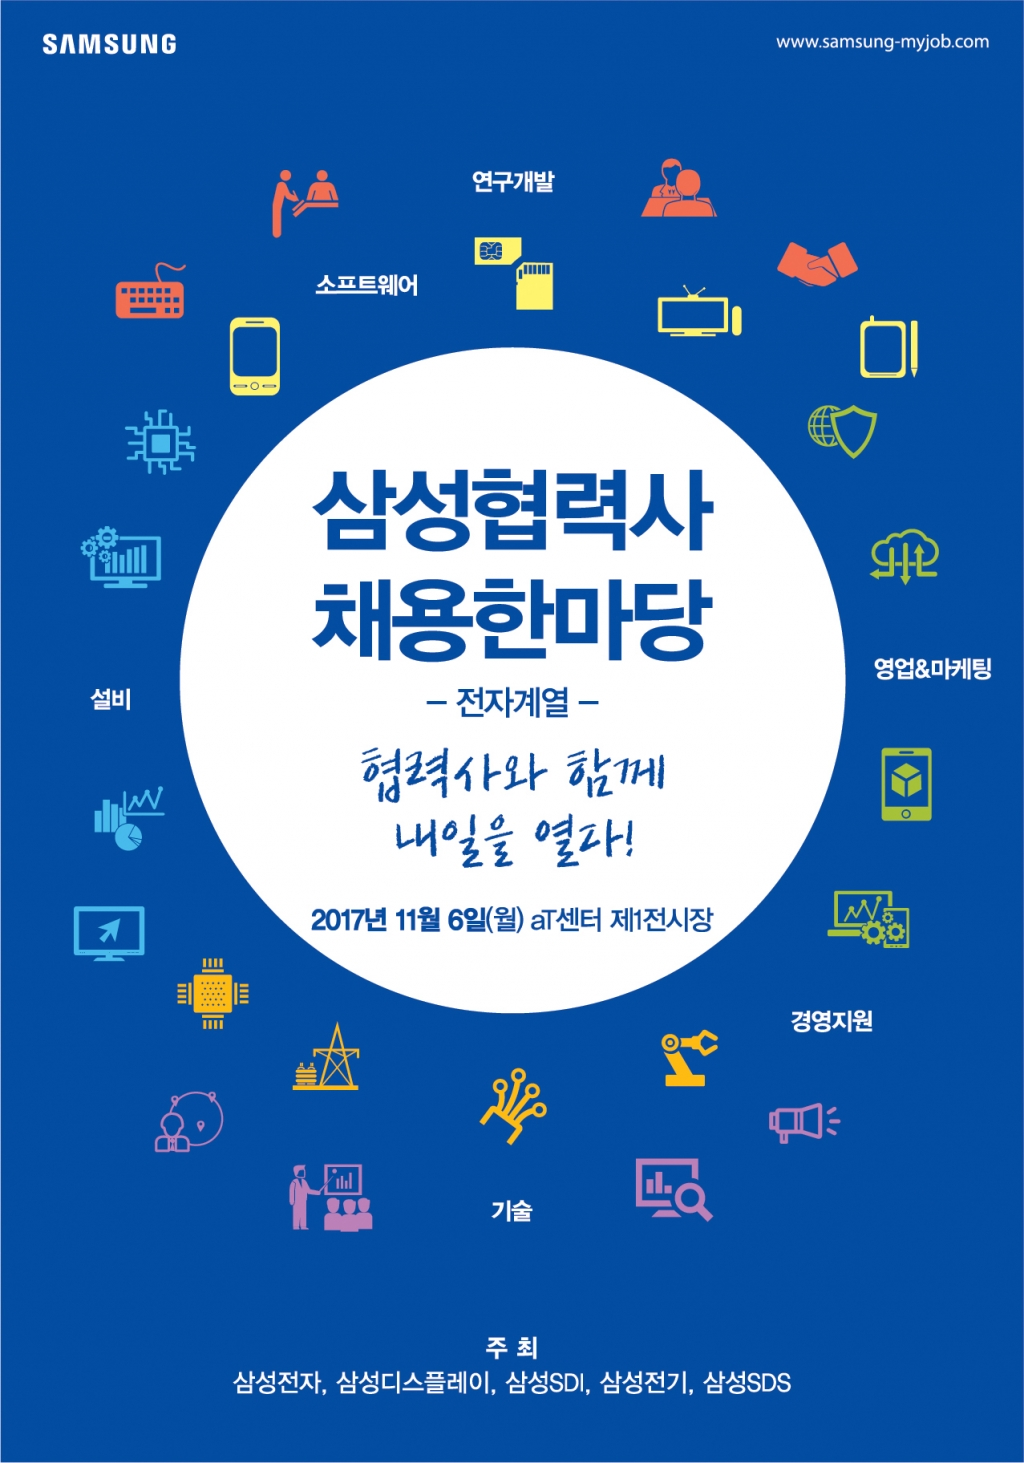 삼성전자, 11월 6일 '삼성 협력사 채용 한마당' 개최